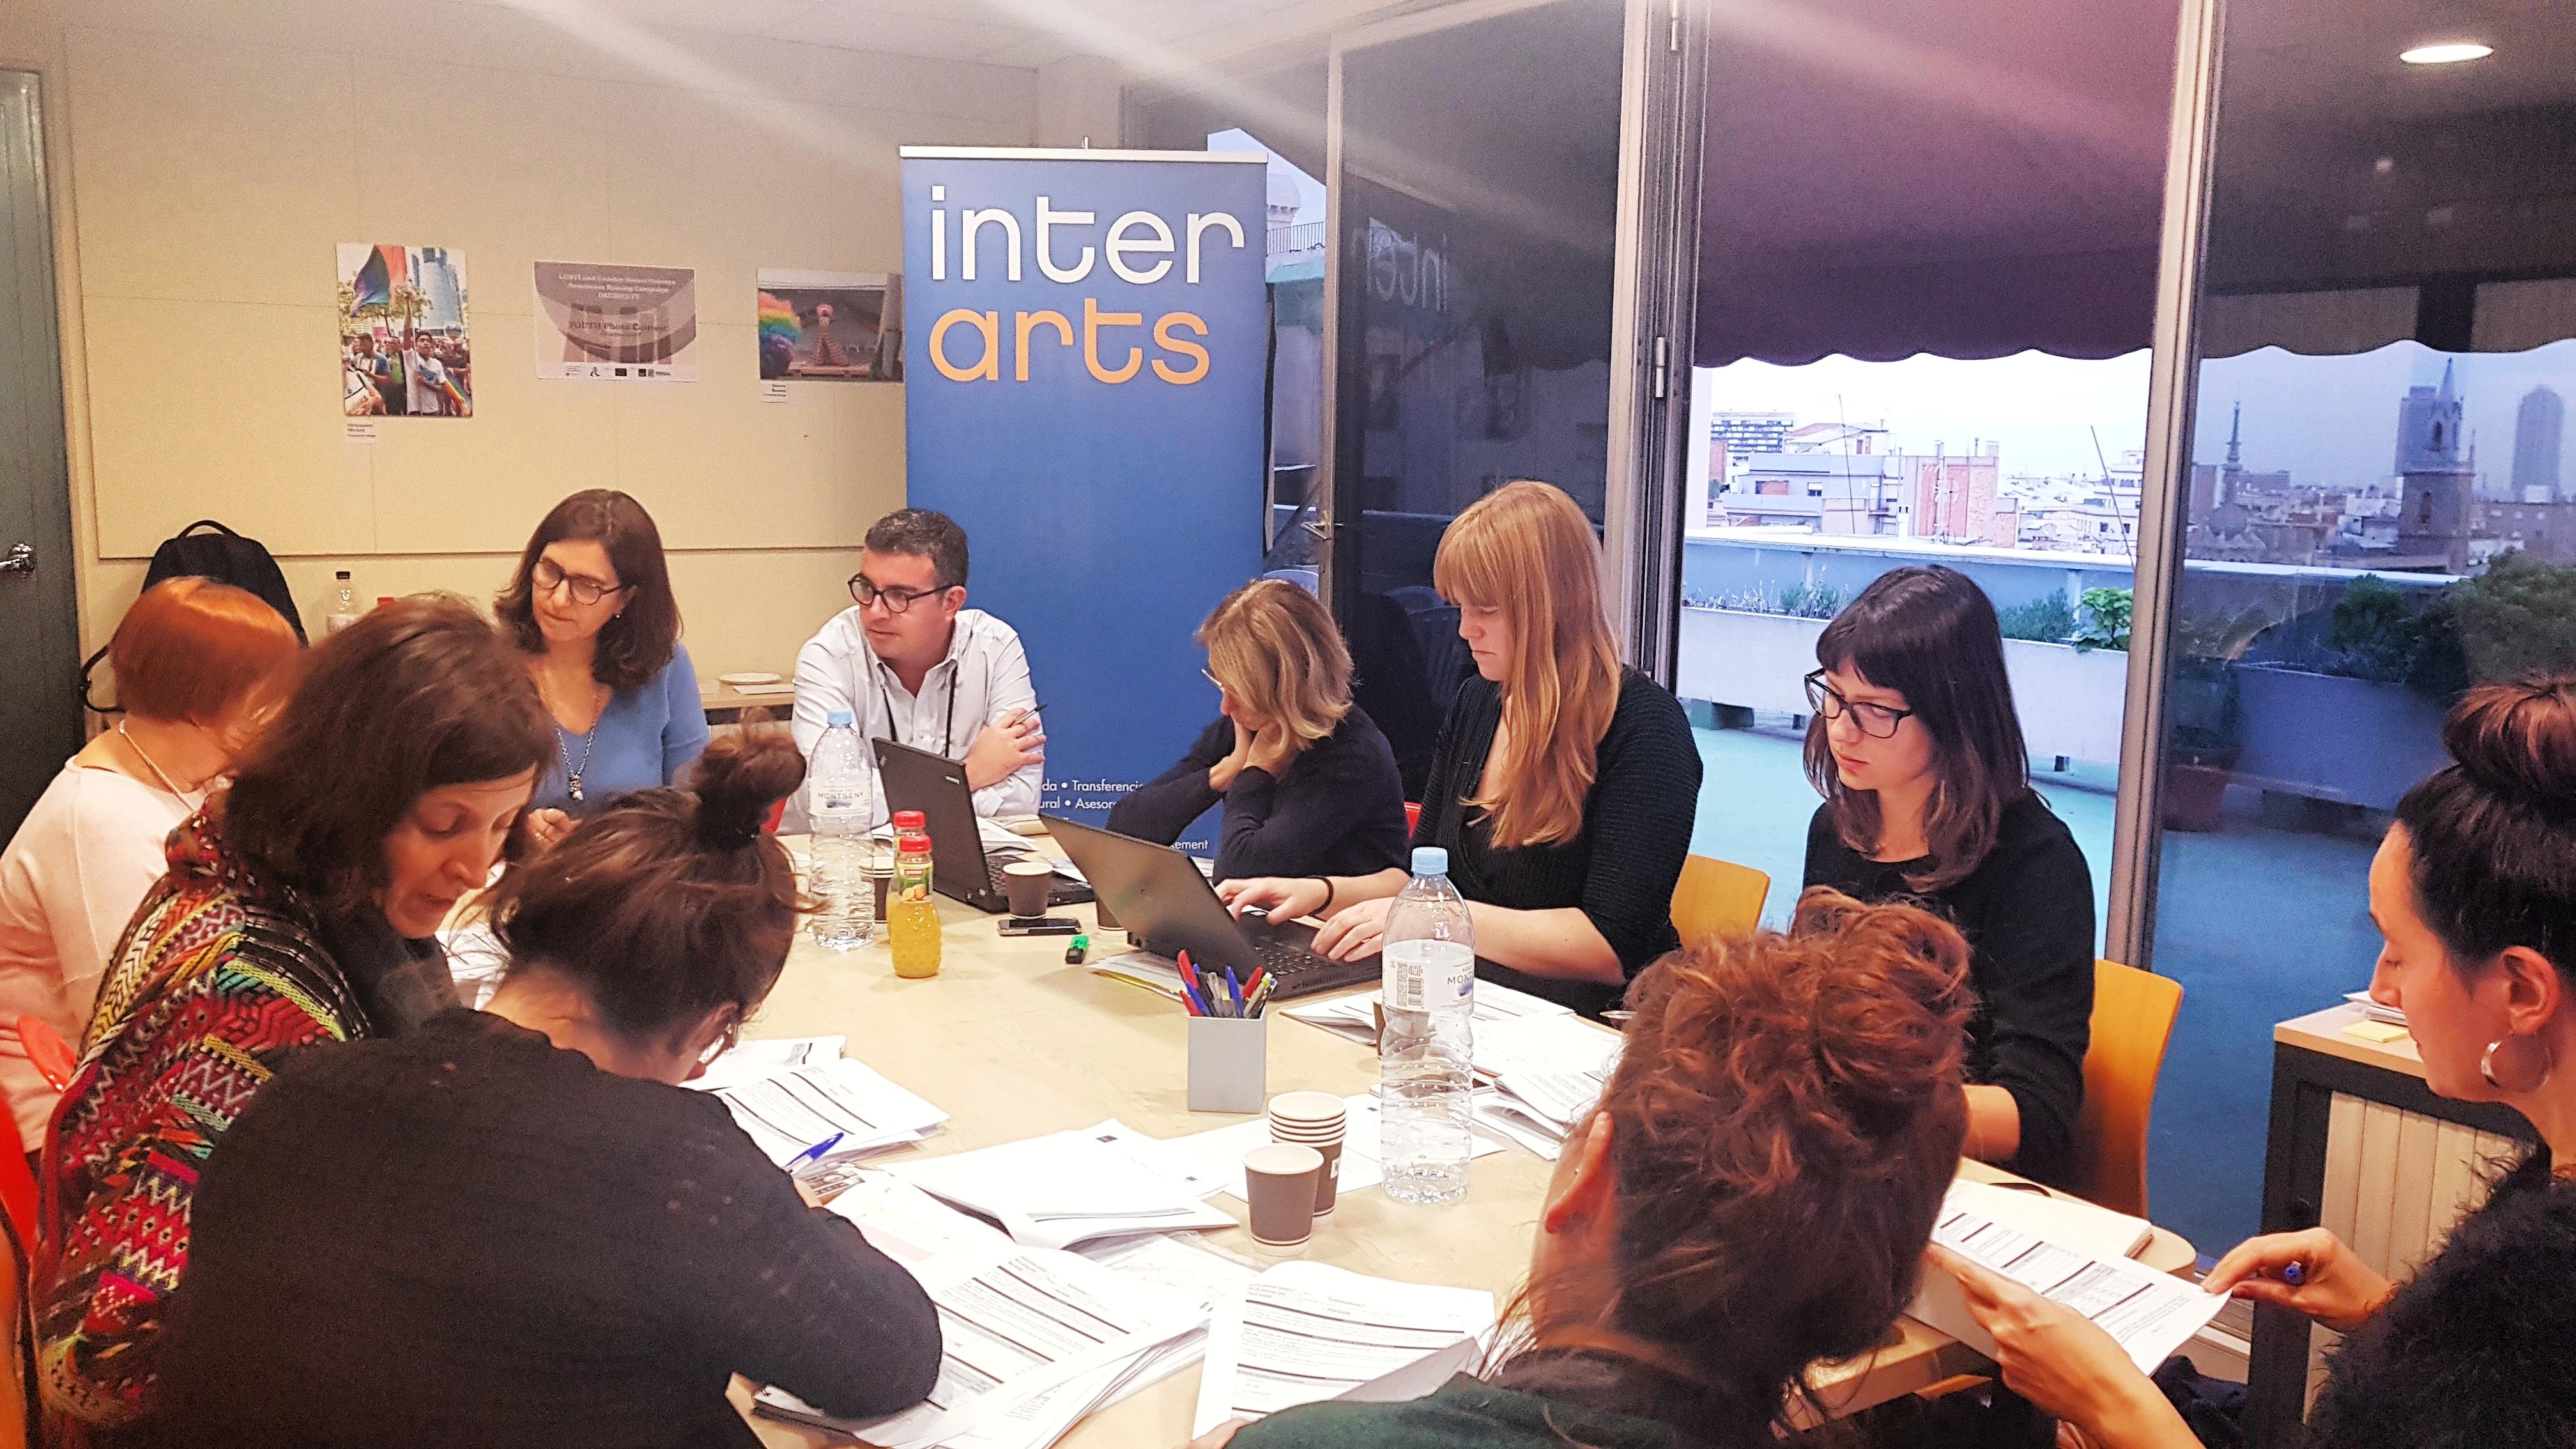 Imagen del encuentro del proyecto Decides Europe en el que participó Asociación Trabe